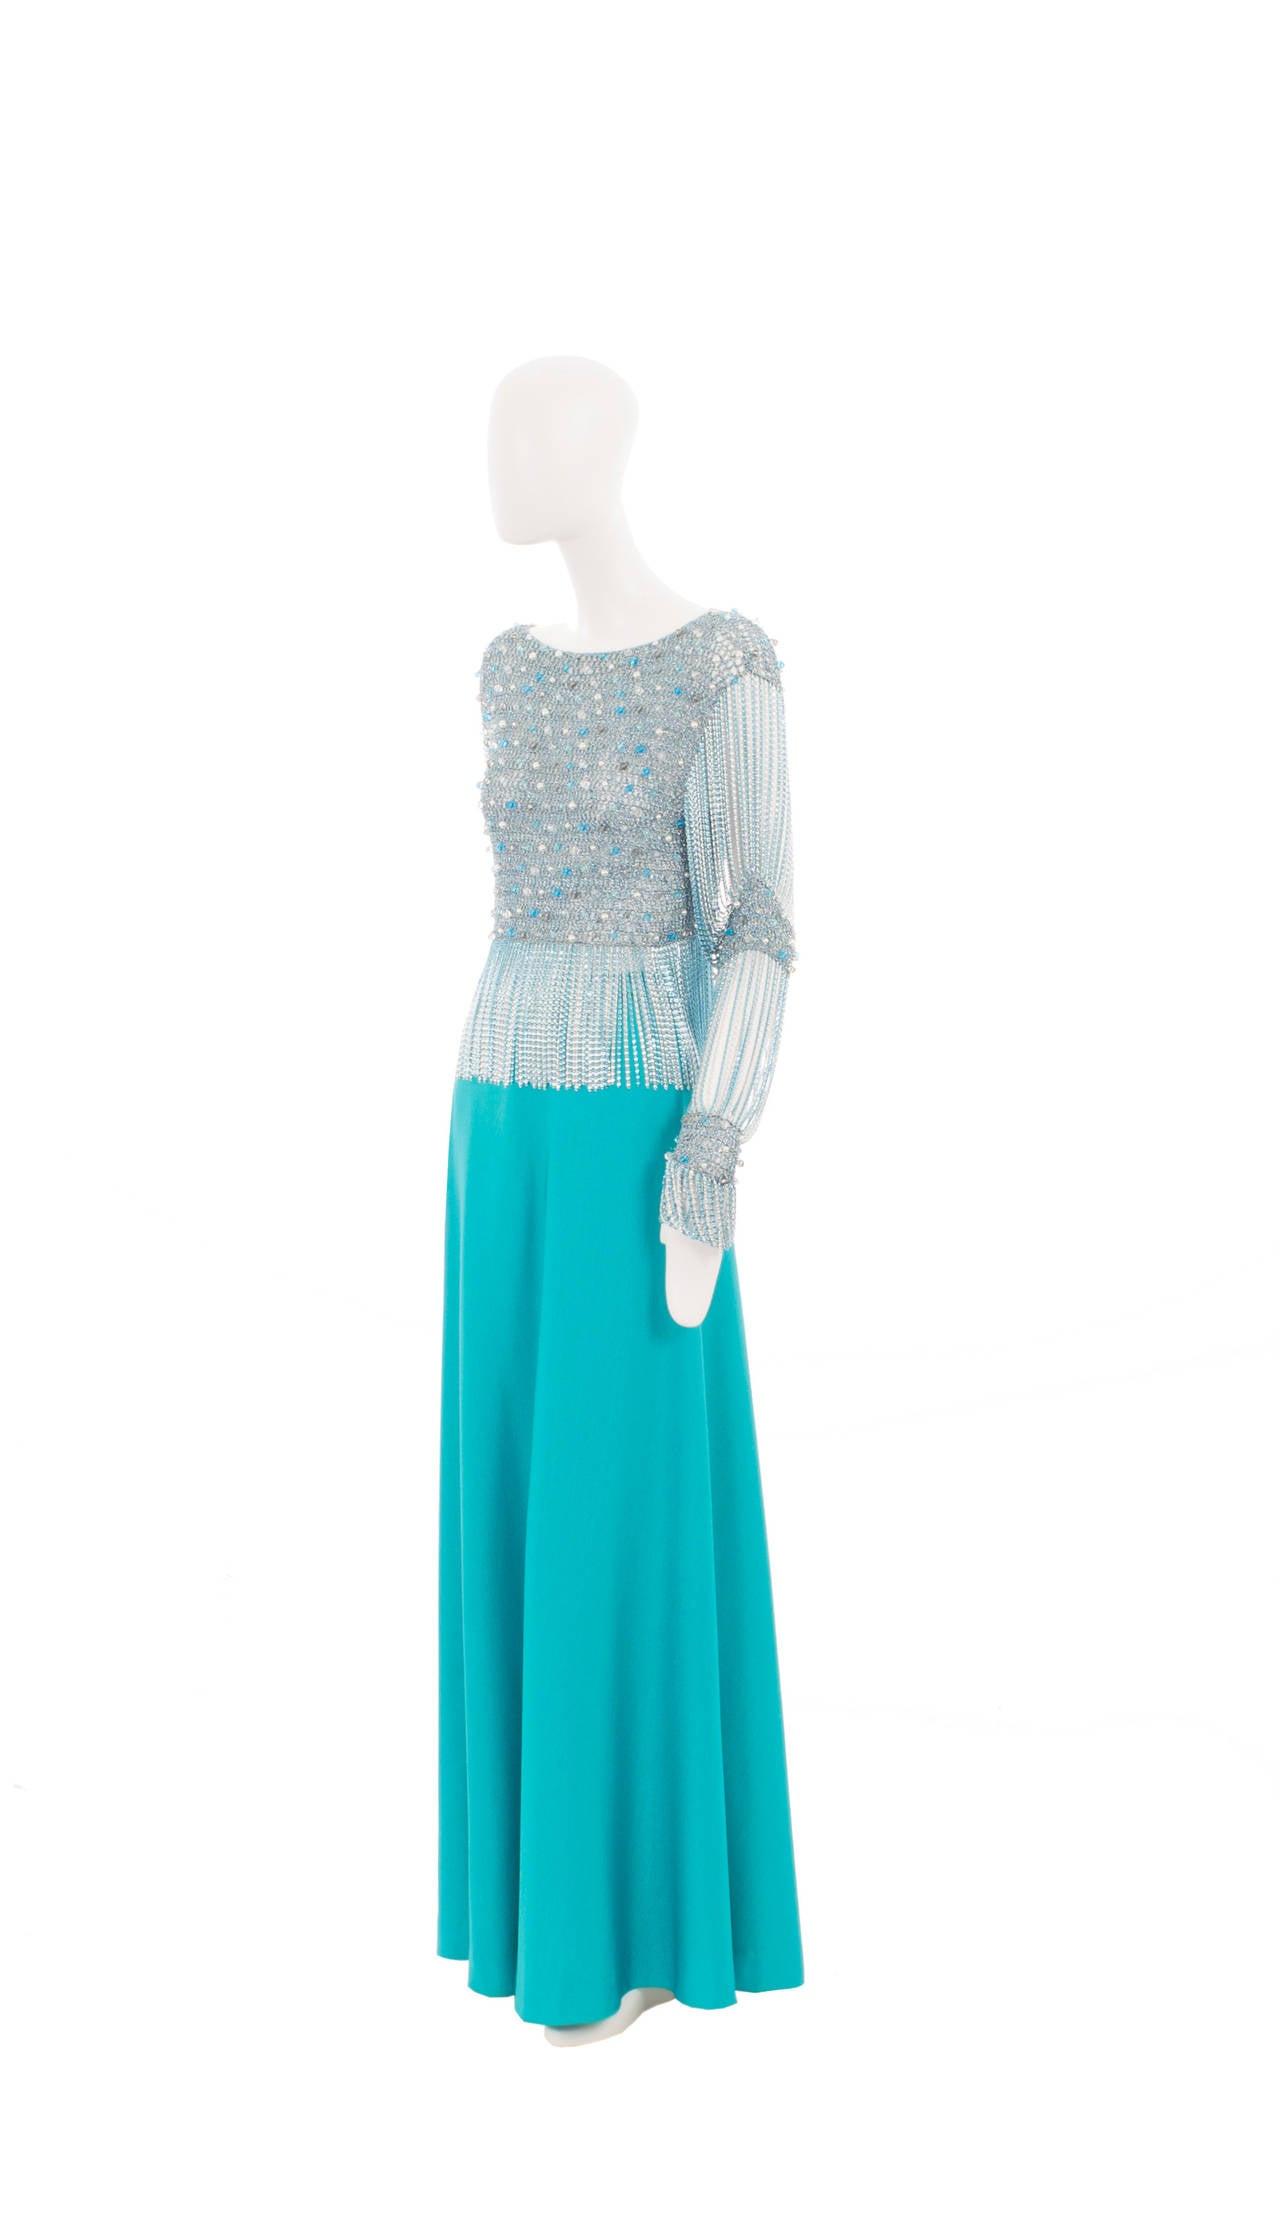 Azzaro Haute Couture Metallic Turquoise Ensemble, Circa 1978 2